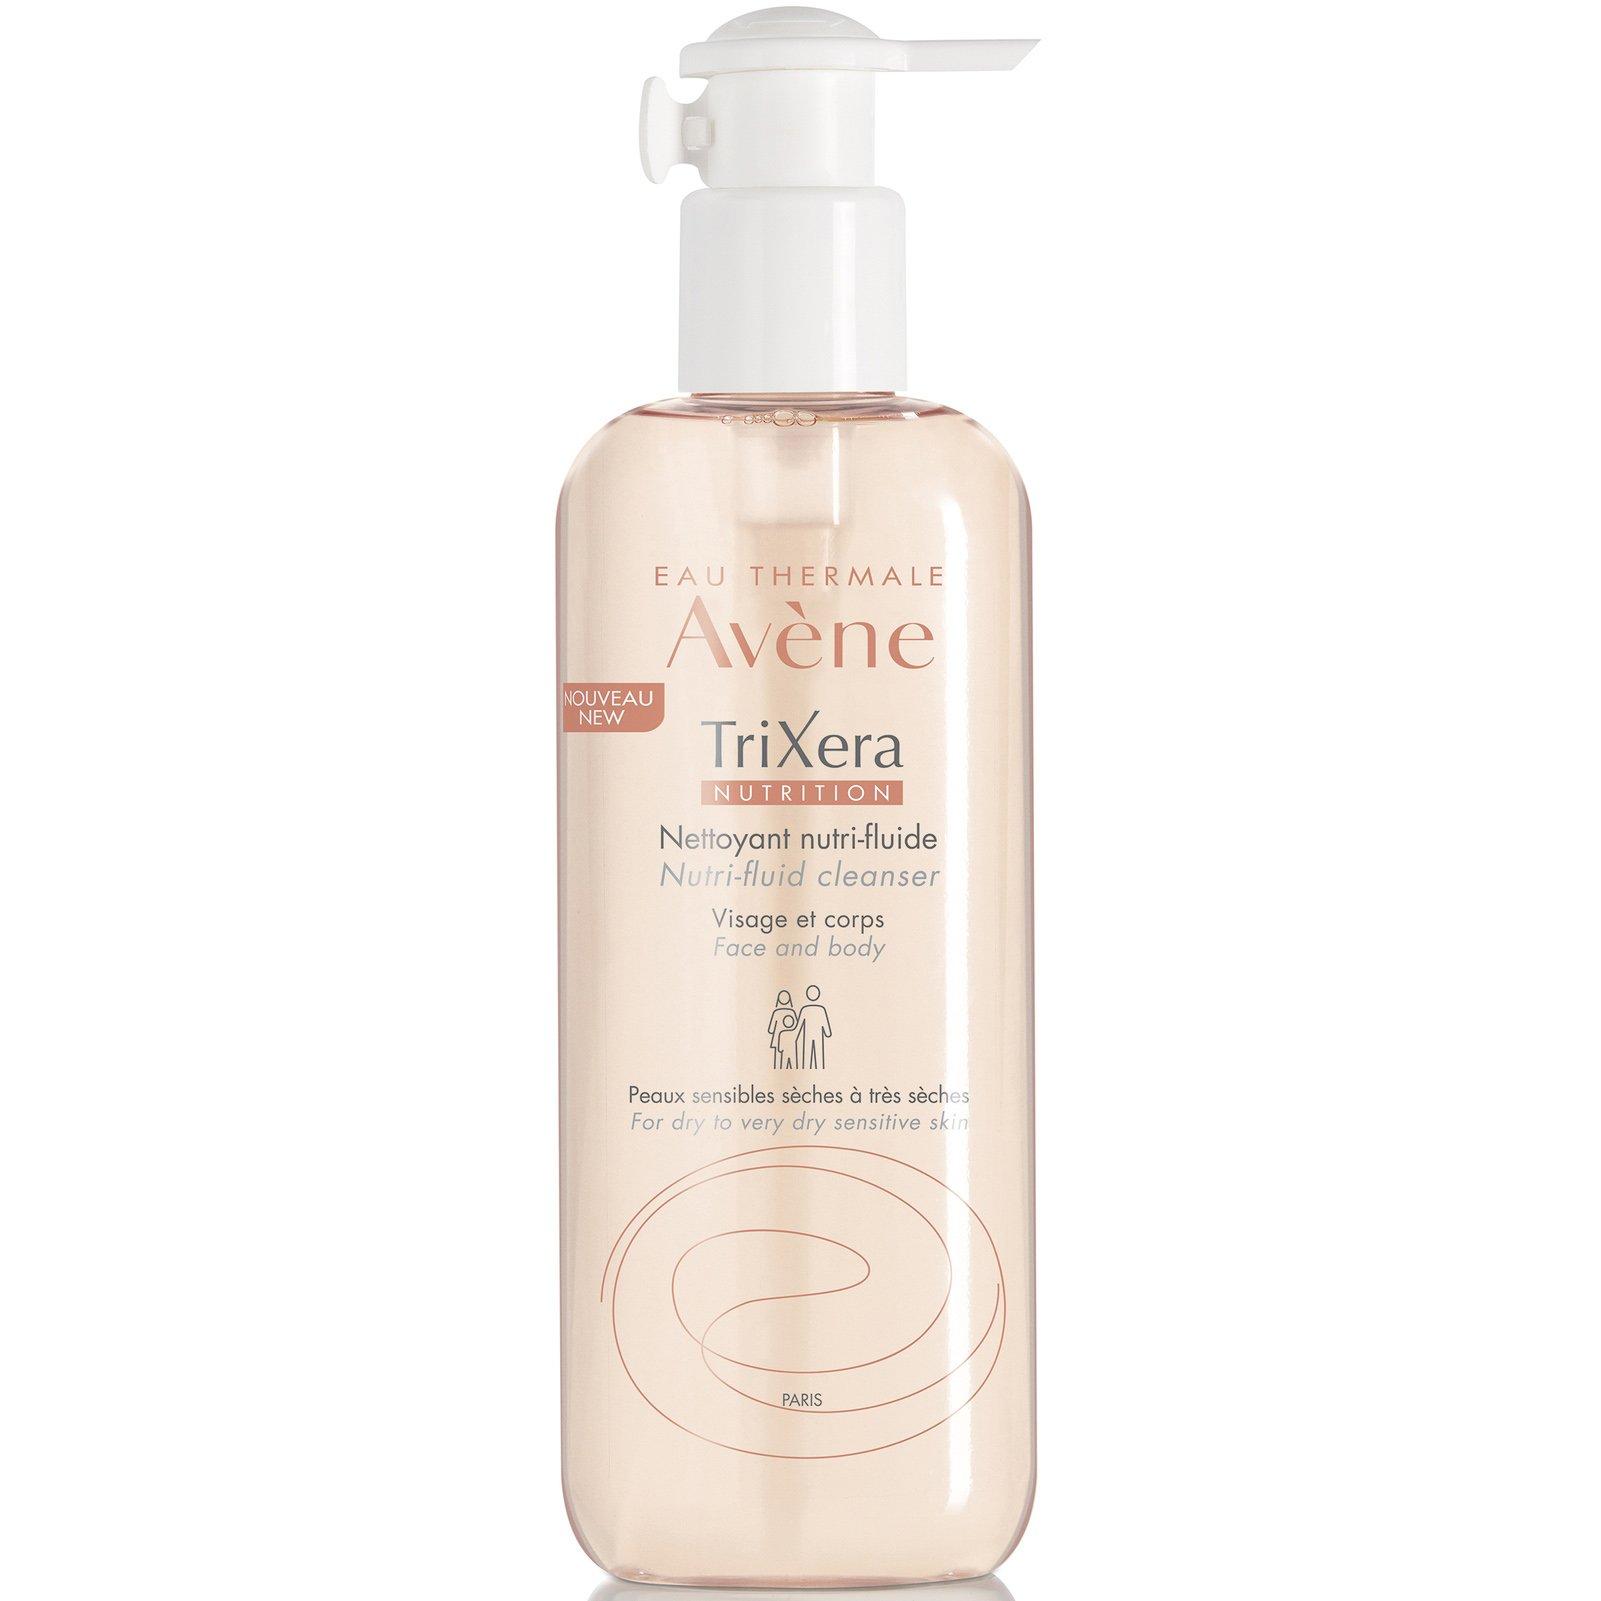 Avene Trixera Nutrition Gel Nettoyant Nutri-Fluide Λεπτόρρευστο Θρεπτικό Καθαριστικό Πρόσωπο-Σώμα για Ευαίσθητο Ξηρό Δέρμα 500ml